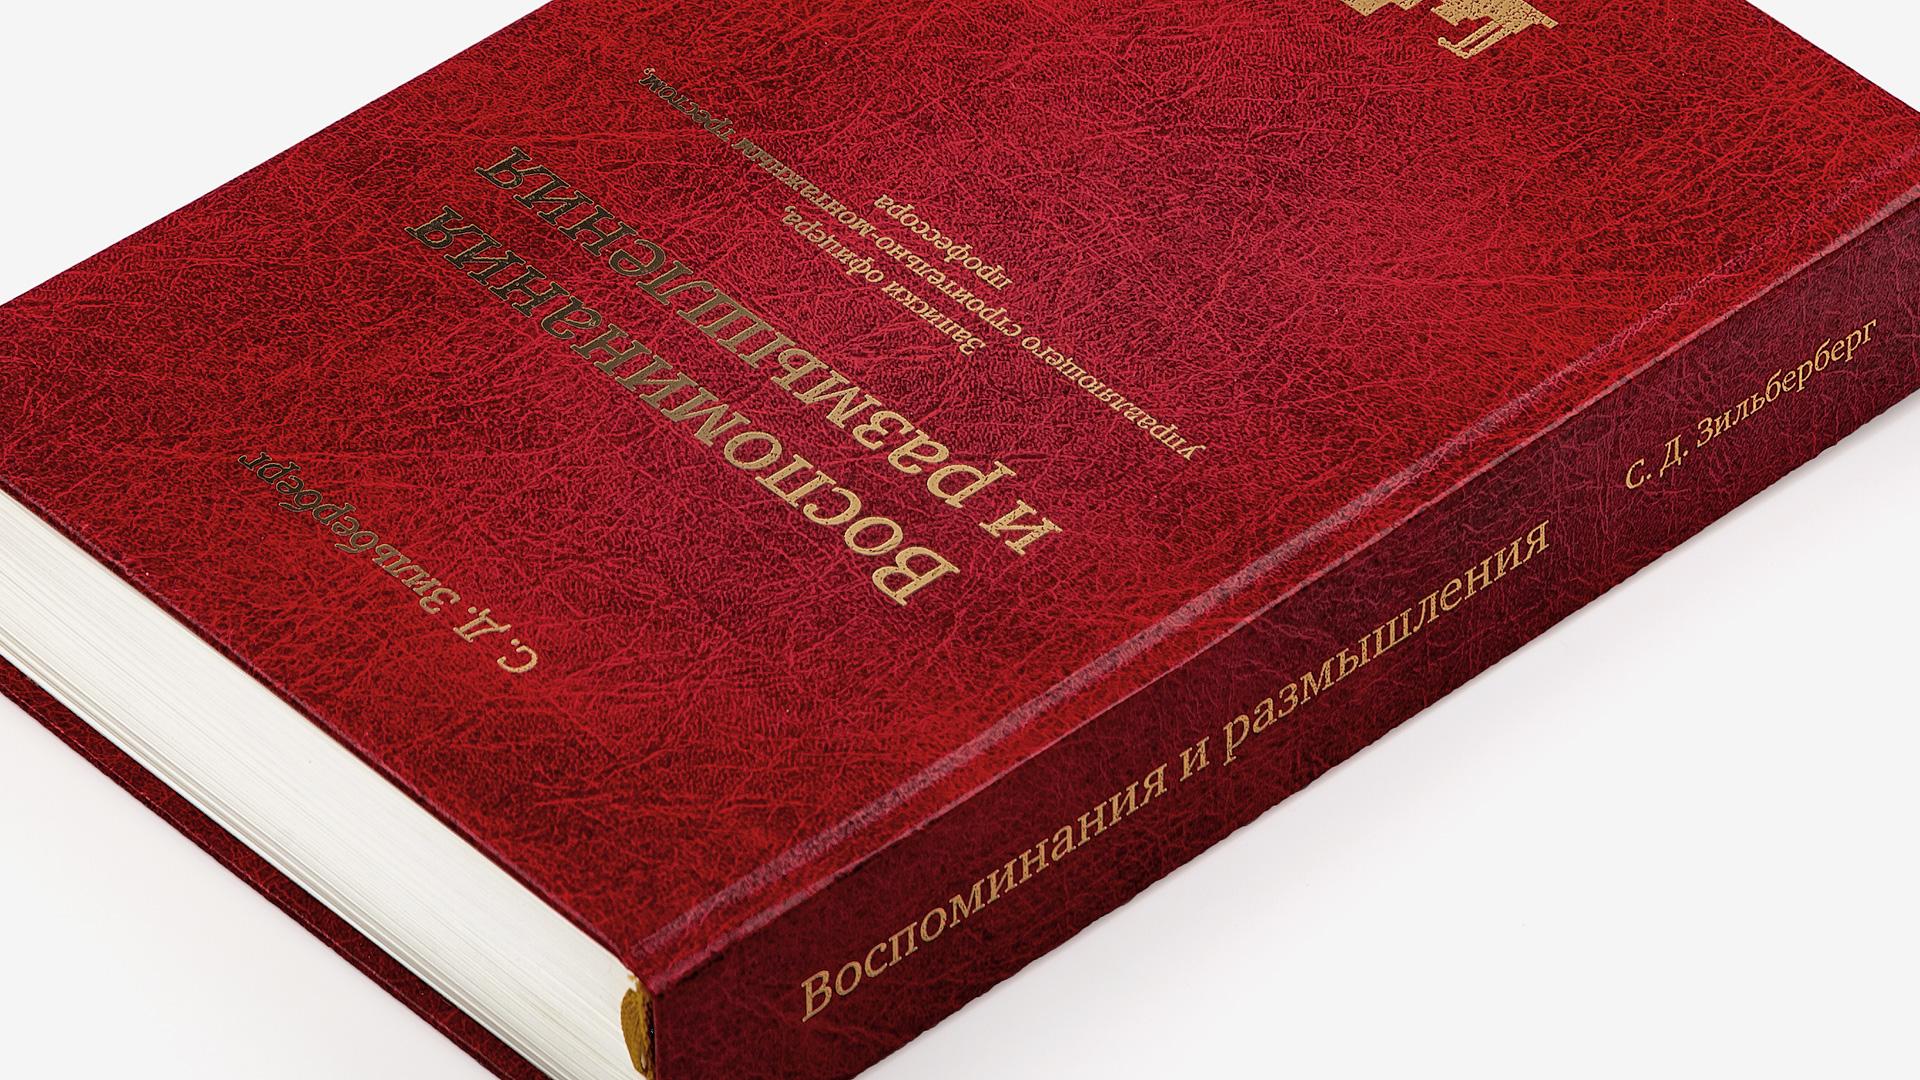 Книга «Воспоминания и размышления»